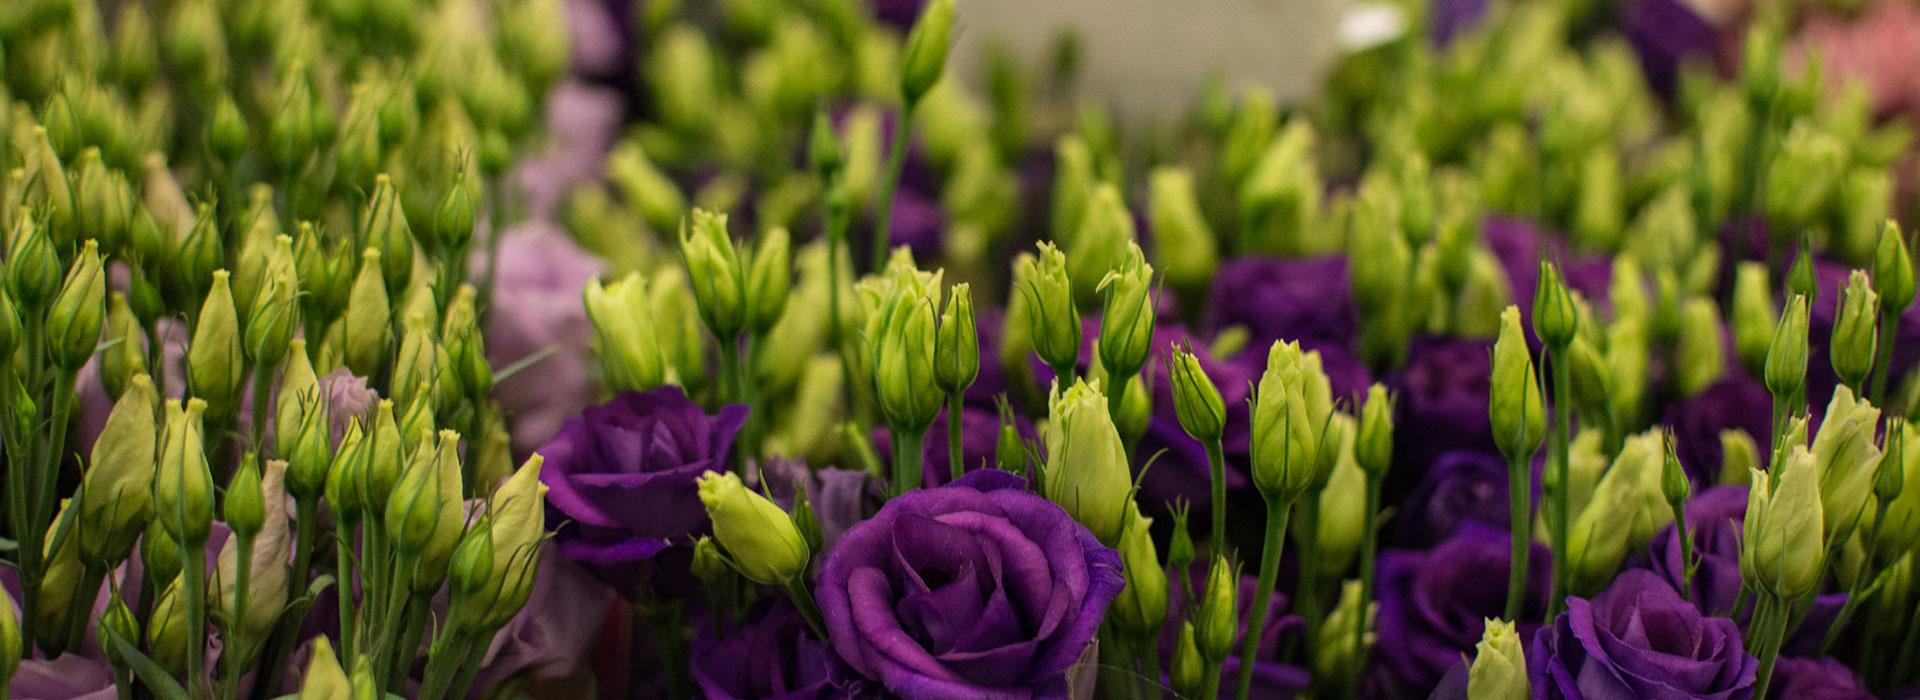 Snijbloemen Brandsma bloemen